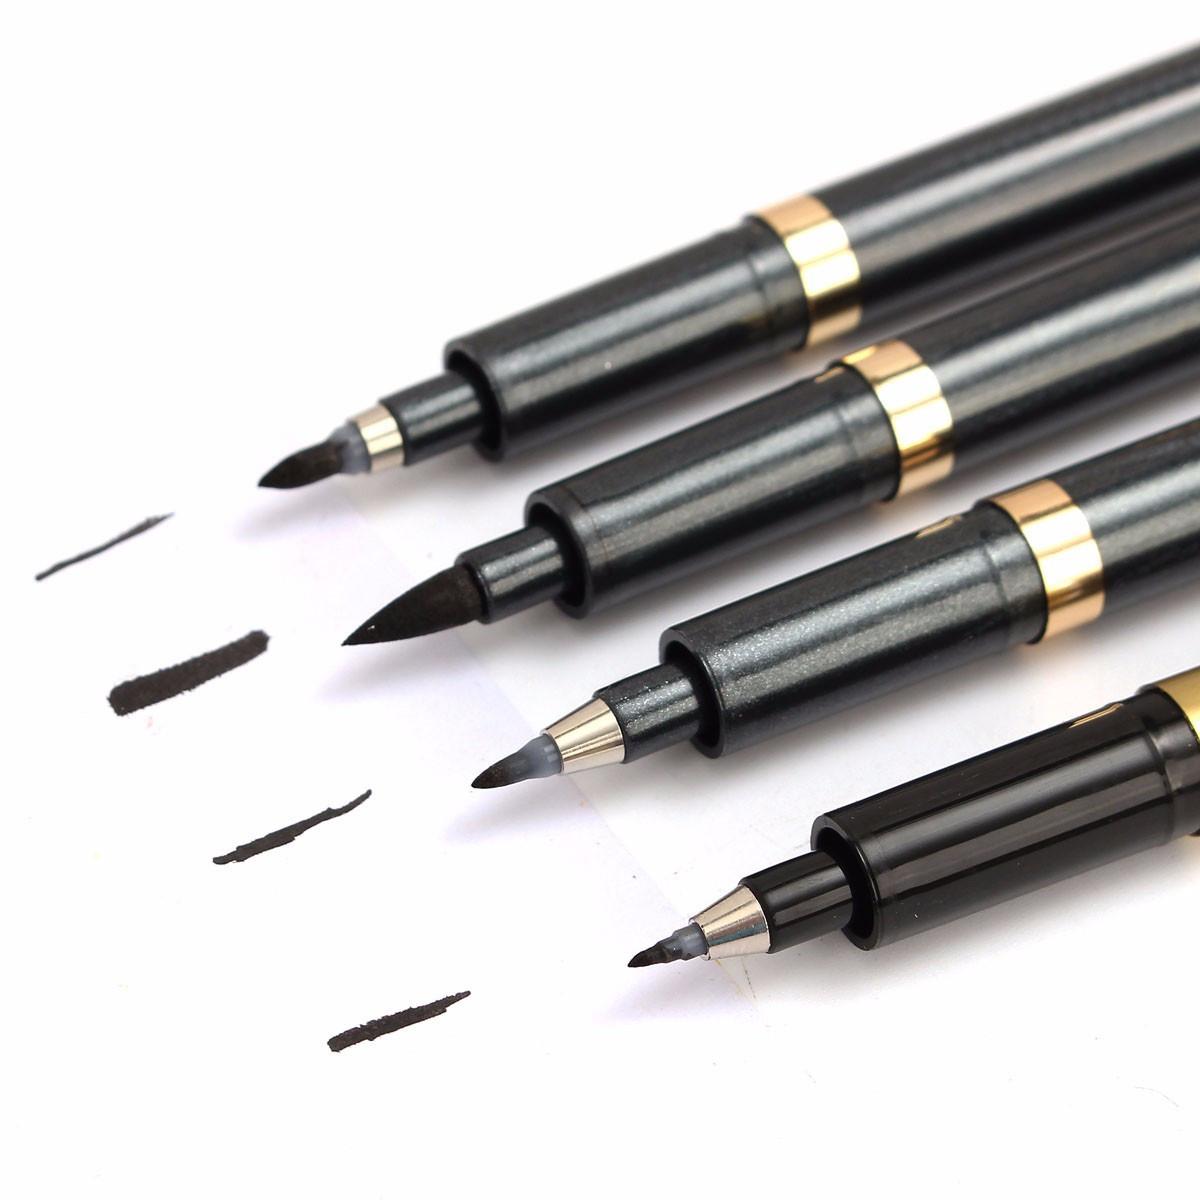 Как выбирать ручки для каллиграфии?